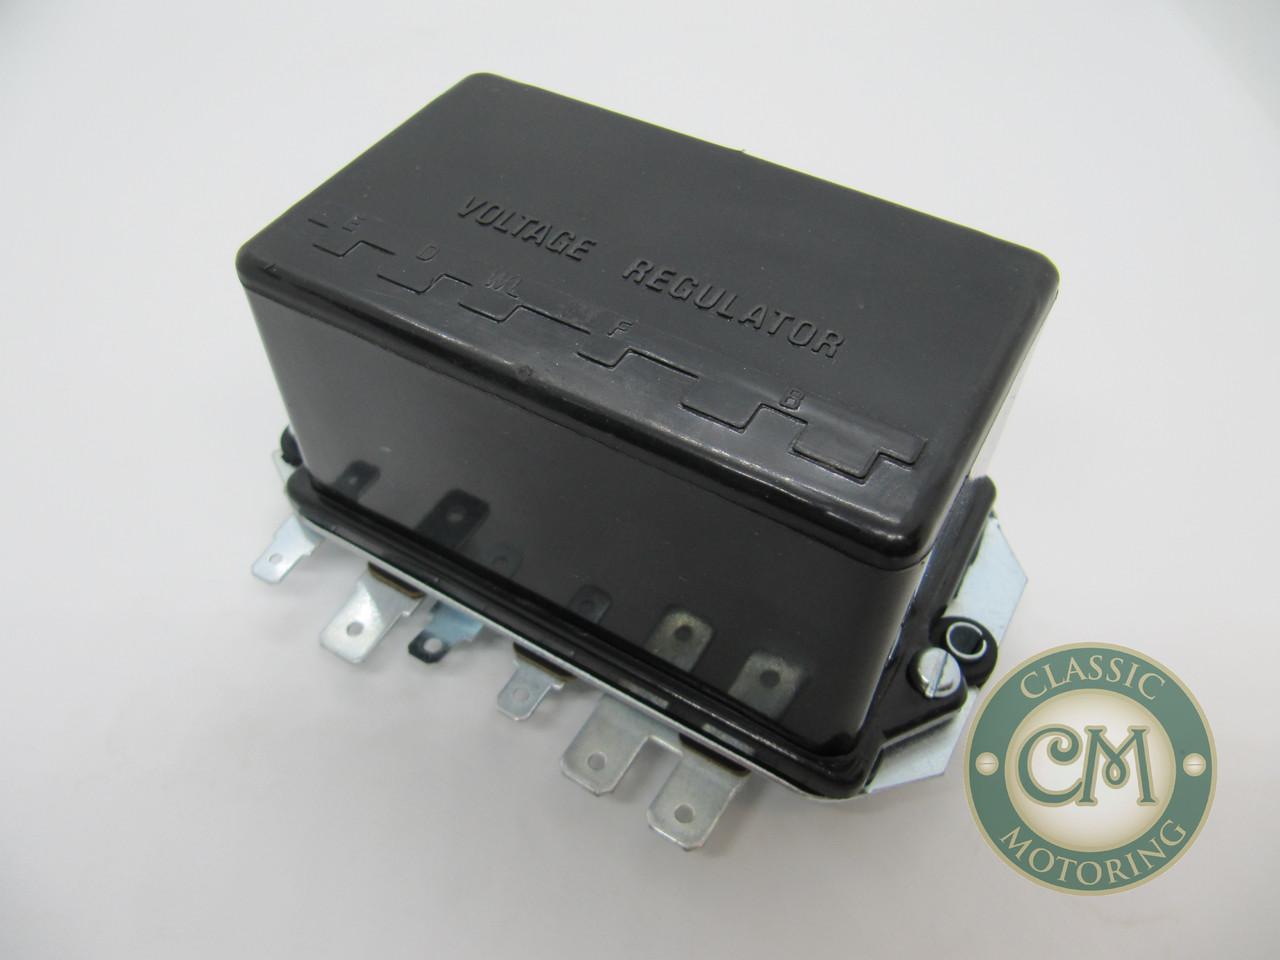 GEU6605 Regulator